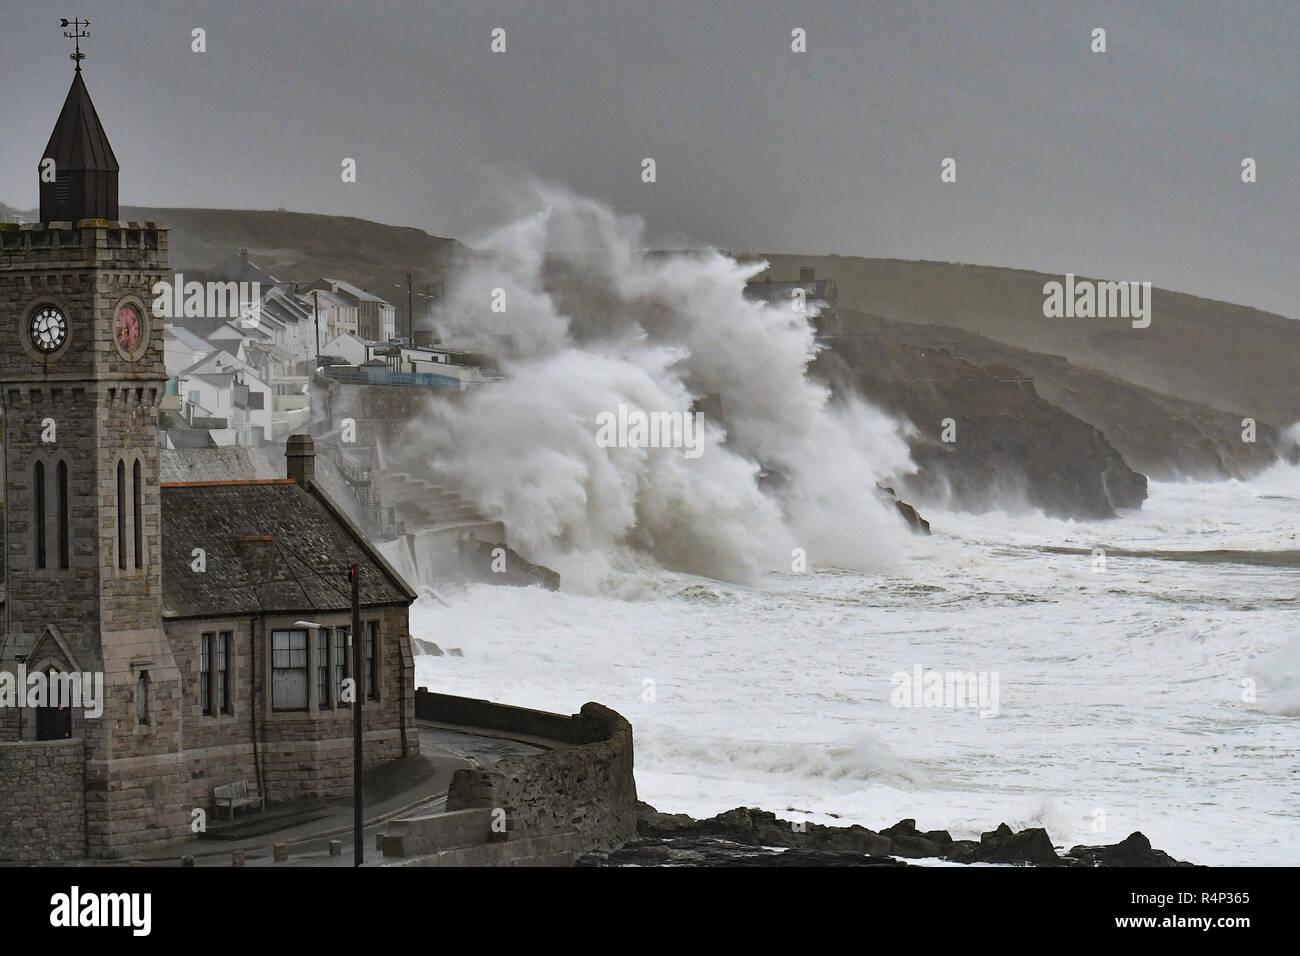 Porthleven, Cornualles, en el Reino Unido. El 28 de noviembre de 2018, el clima del Reino Unido. Con vientos de más de 60mph enormes olas golpeando la costa de Cornualles en Porthleven esta mañana como Diana tormenta golpea el crédito del país: Simon Maycock/Alamy Live News Imagen De Stock